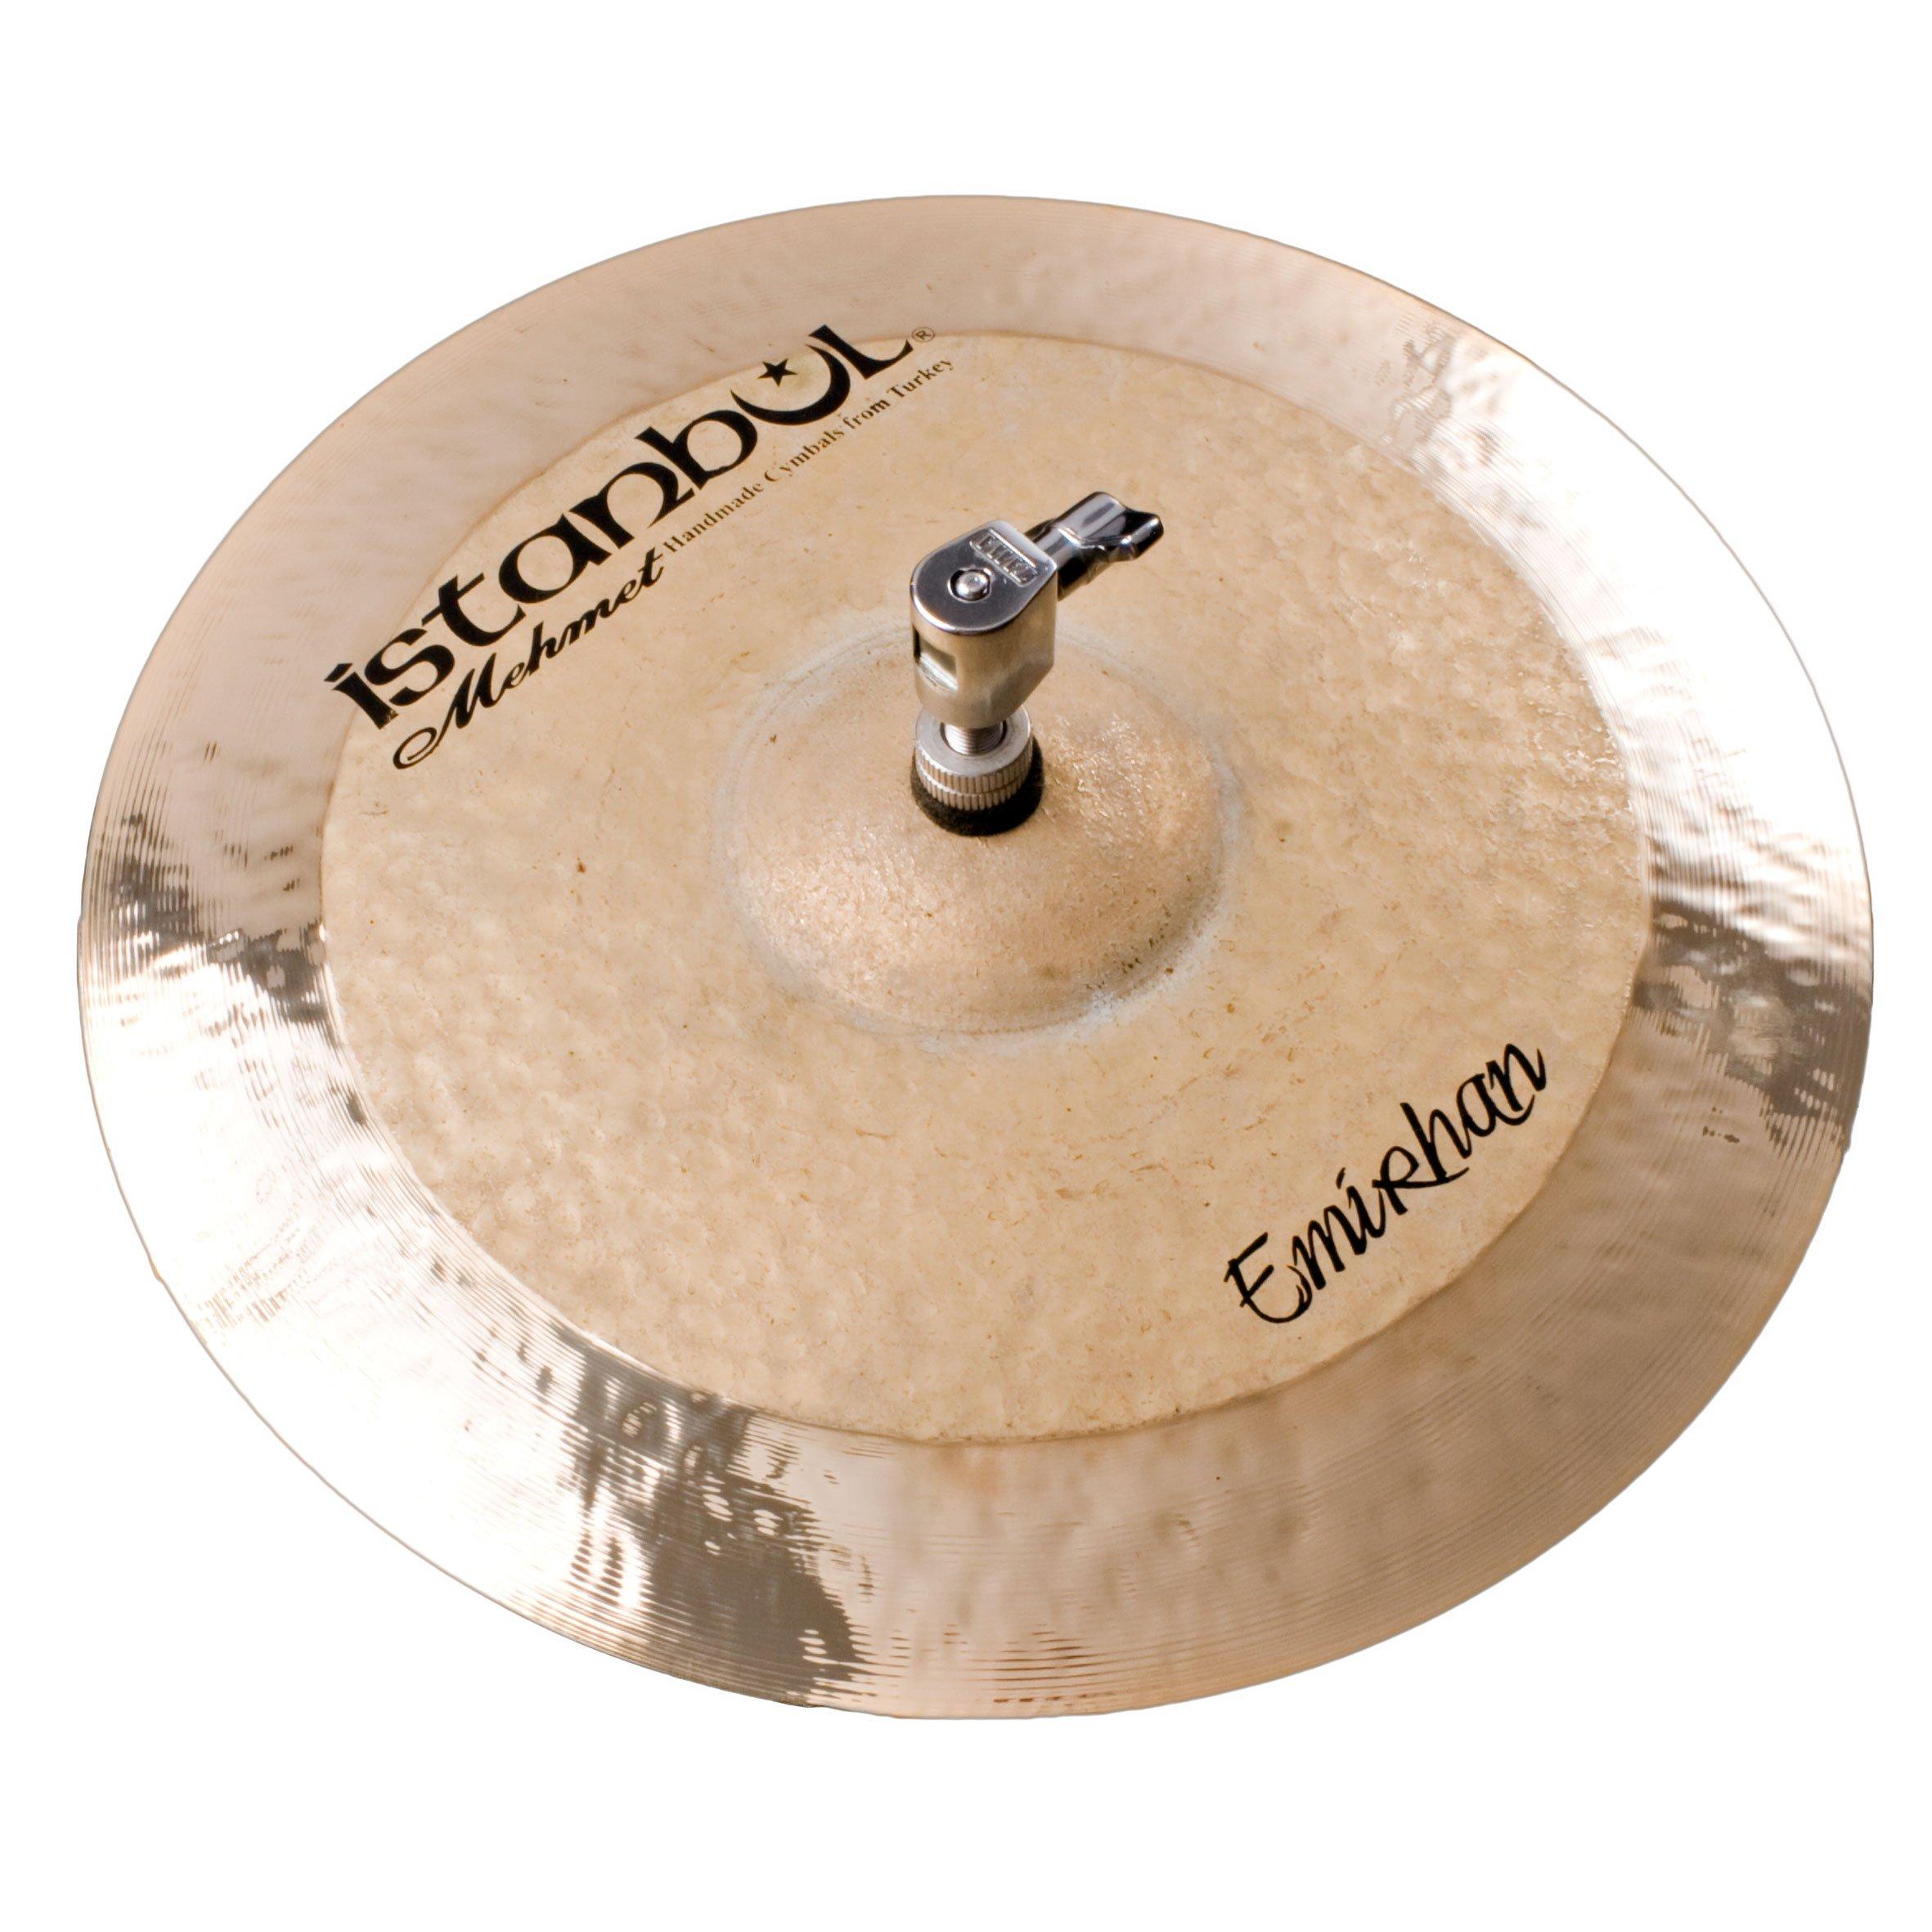 Istanbul Mehmet Cymbals Custom Series EH-HH13 13-Inch Emirhan Hi-Hat Cymbal by Istanbul Mehmet Cymbals